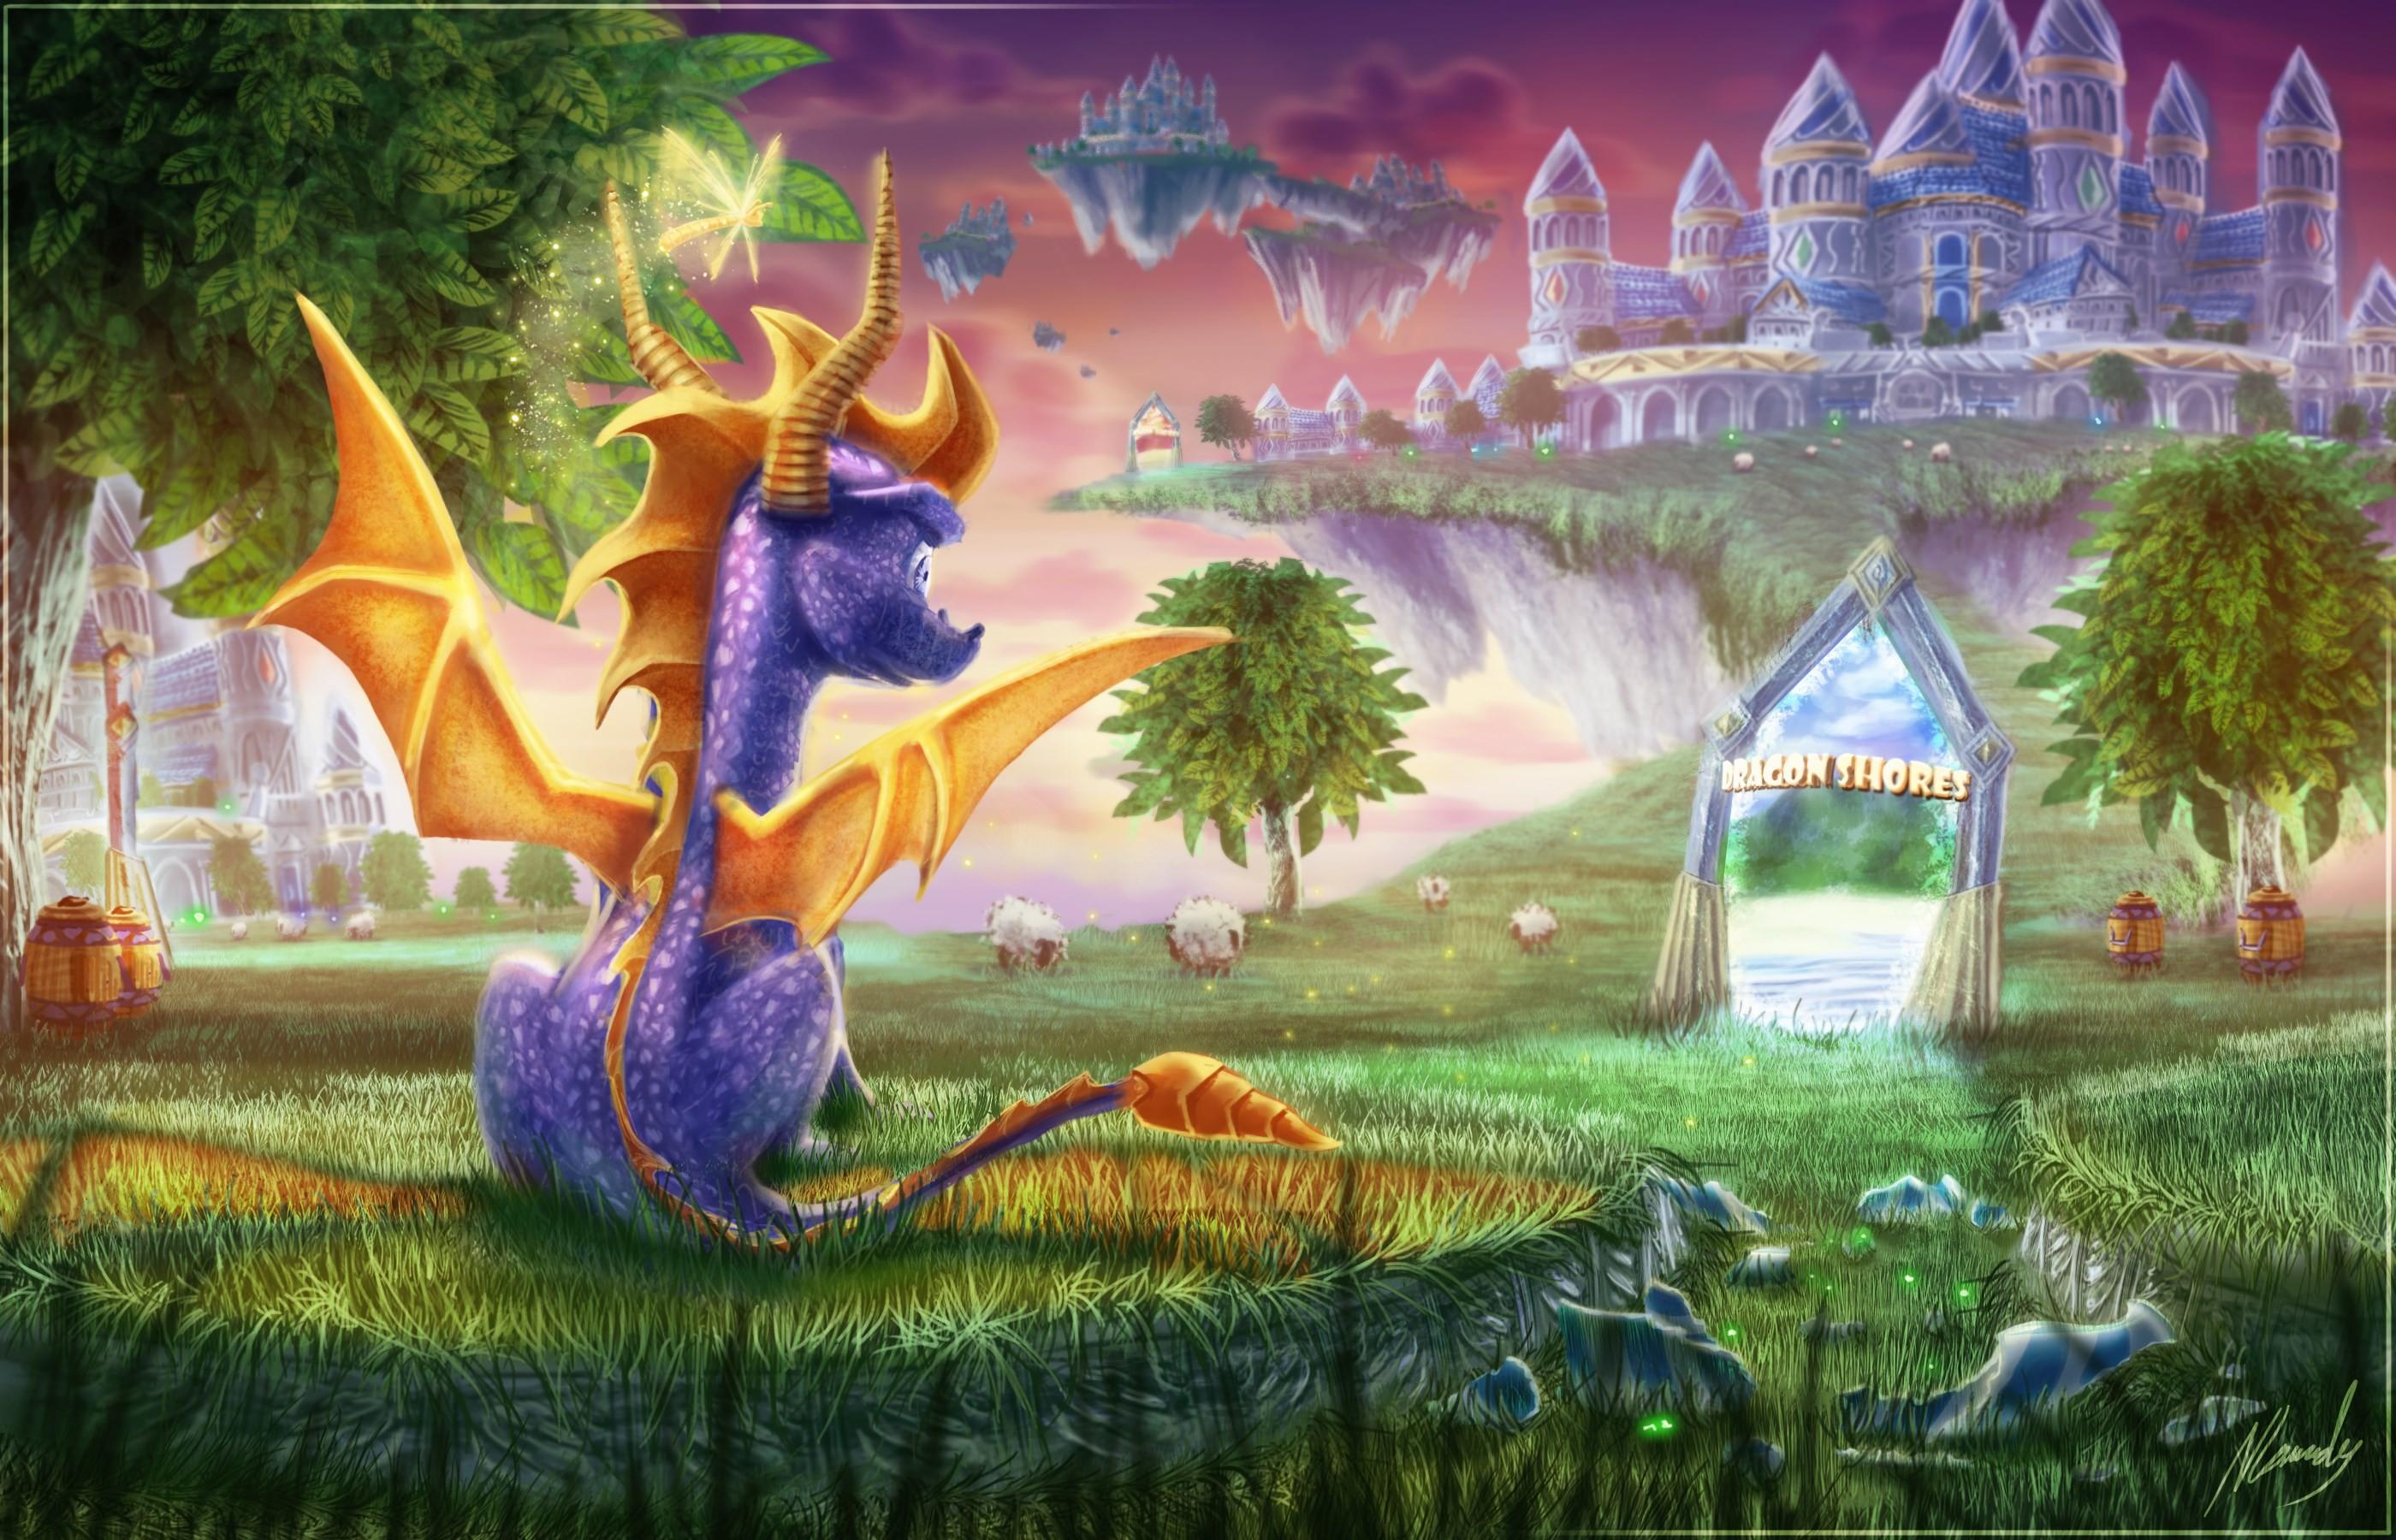 Spyro the dragon wallpaper - Spyro wallpaper ...